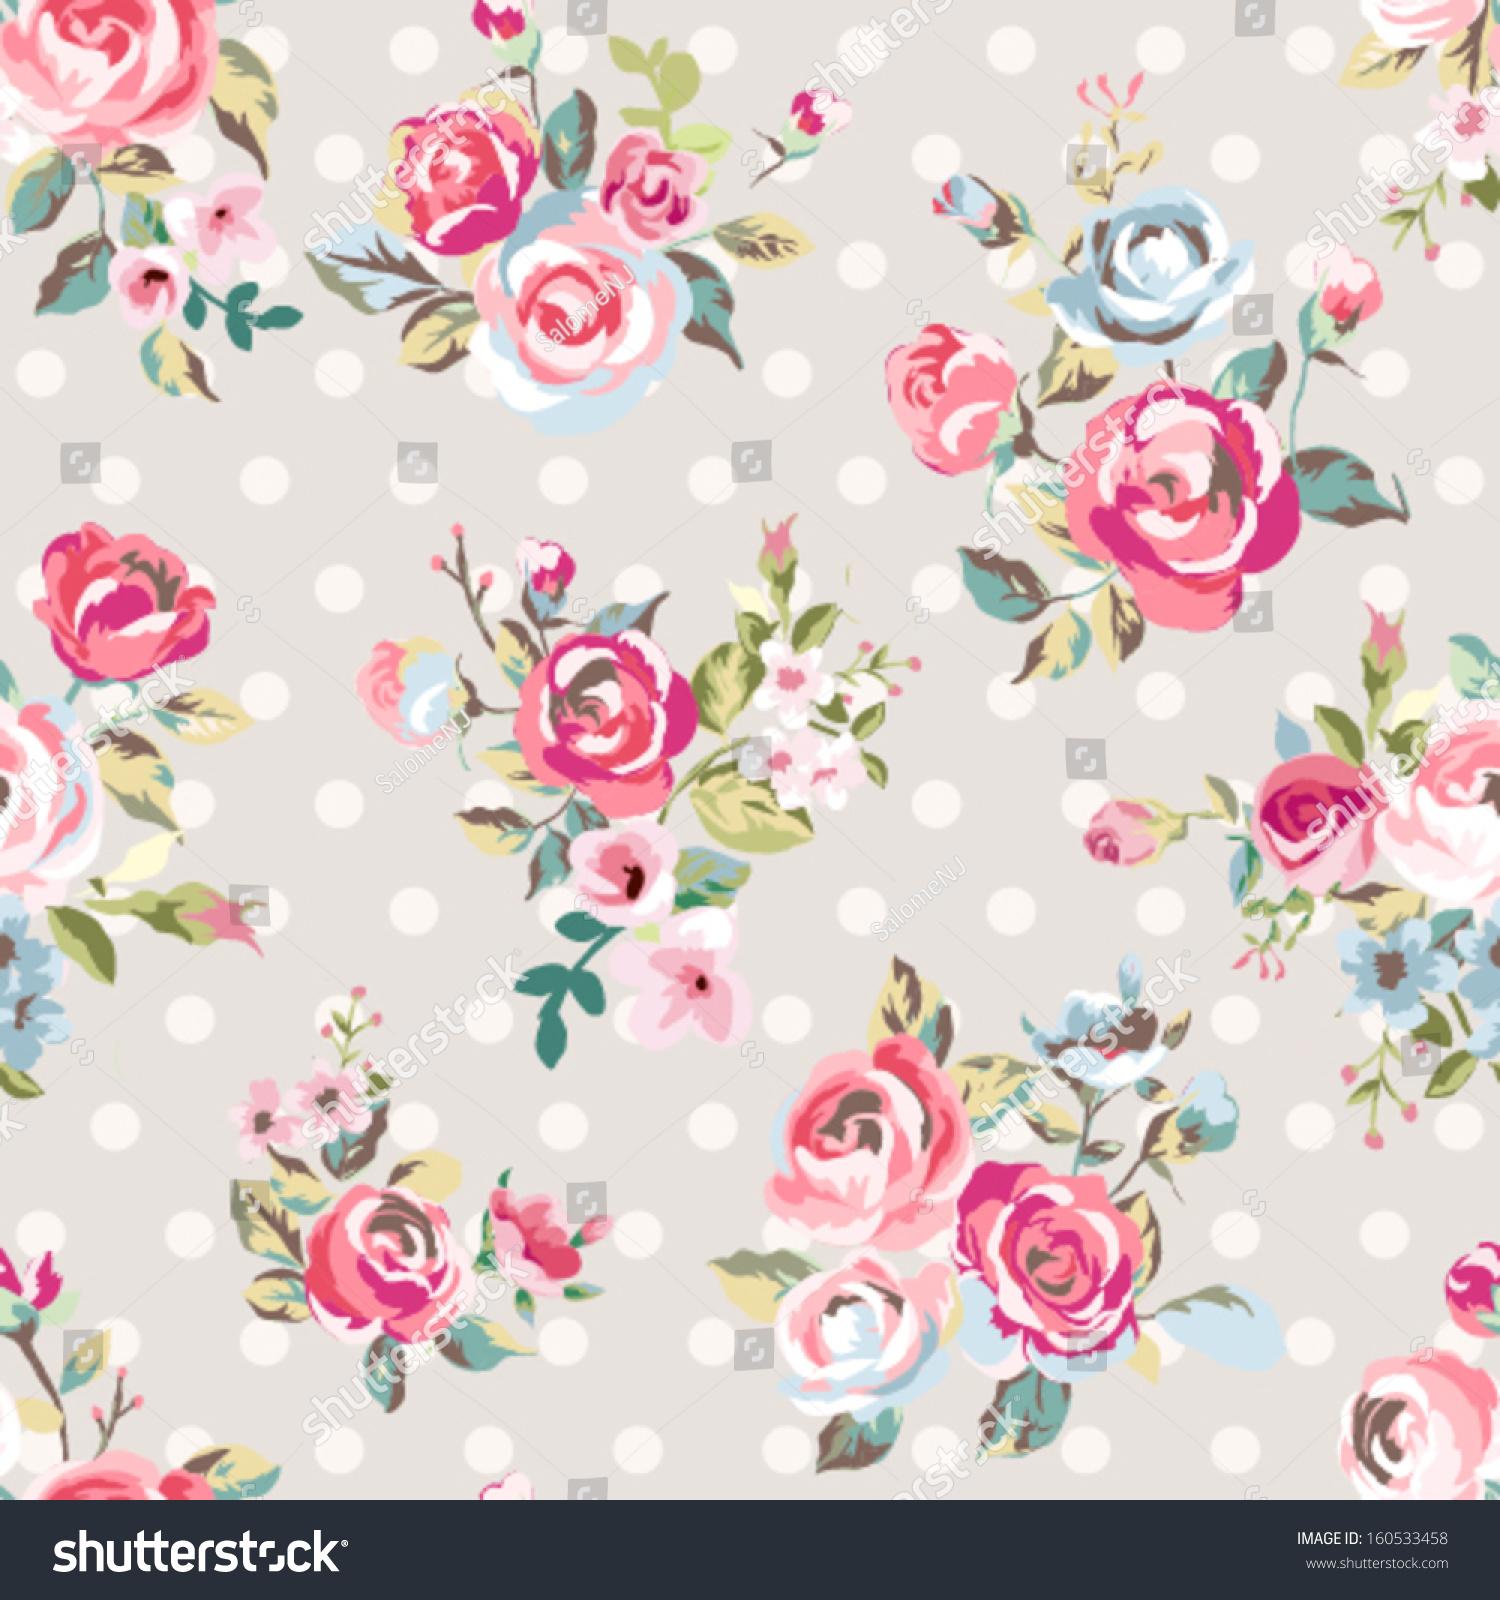 Vintage Flower Background & Banner Vector Images (over 33 )